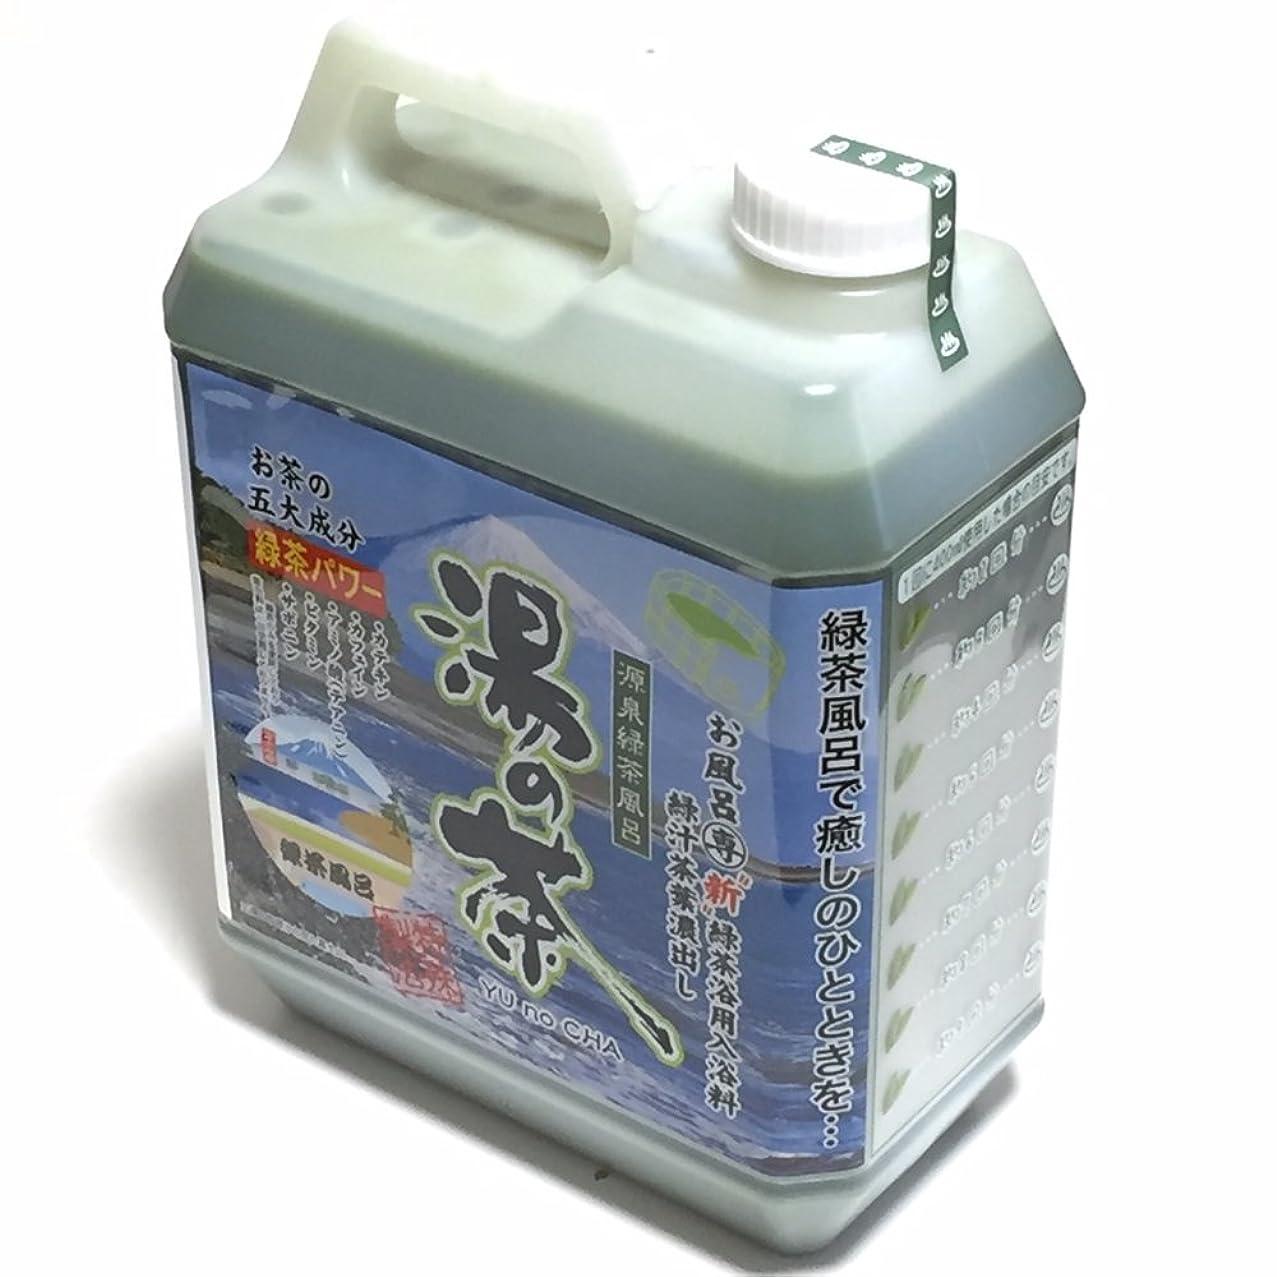 みがきます休戦そっと緑茶のお風呂に入ろう??静岡茶葉100% 高濃度カテキン 緑茶入浴化粧品 湯の茶 大容量4リットル